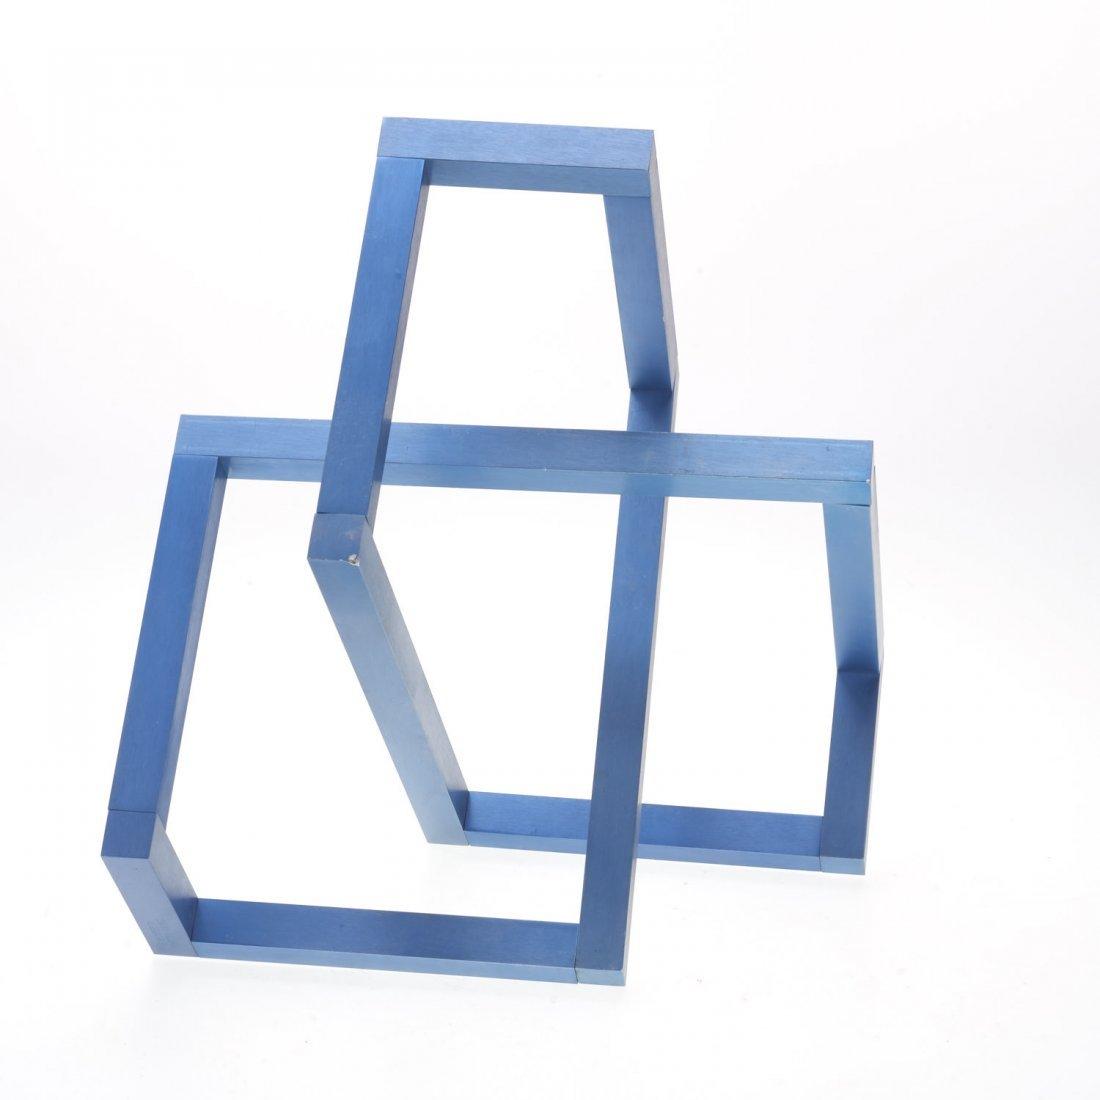 Forrest Myers geometric aluminum sculpture - 4